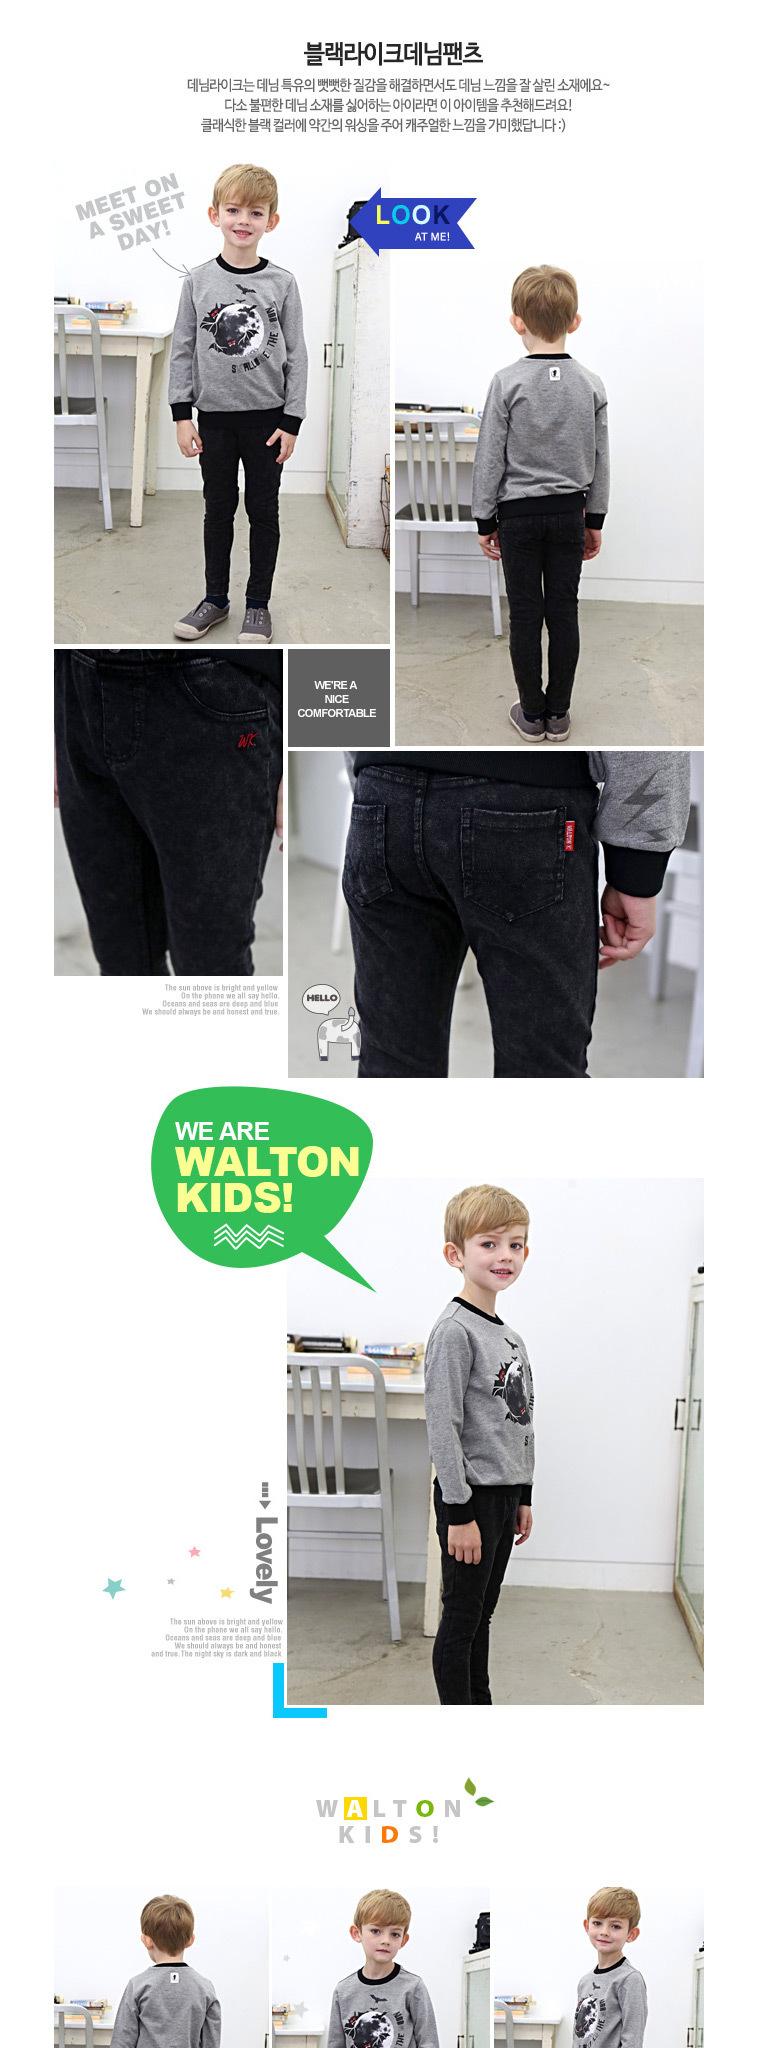 [엄마니까] 월튼! 오늘하루 대박찬스 - 상세정보